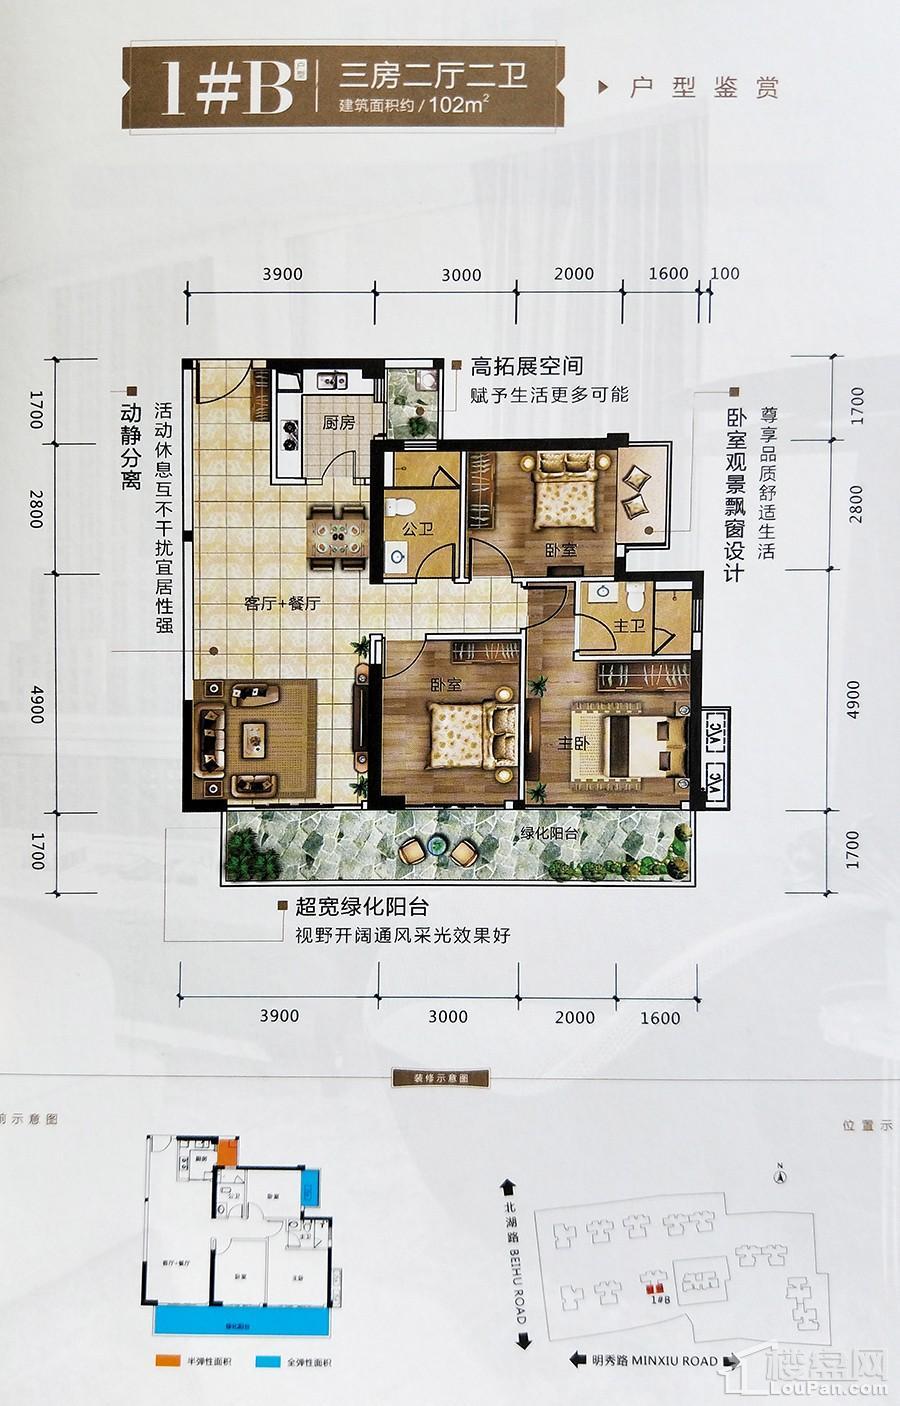 大唐天城都荟6栋1#楼B户型